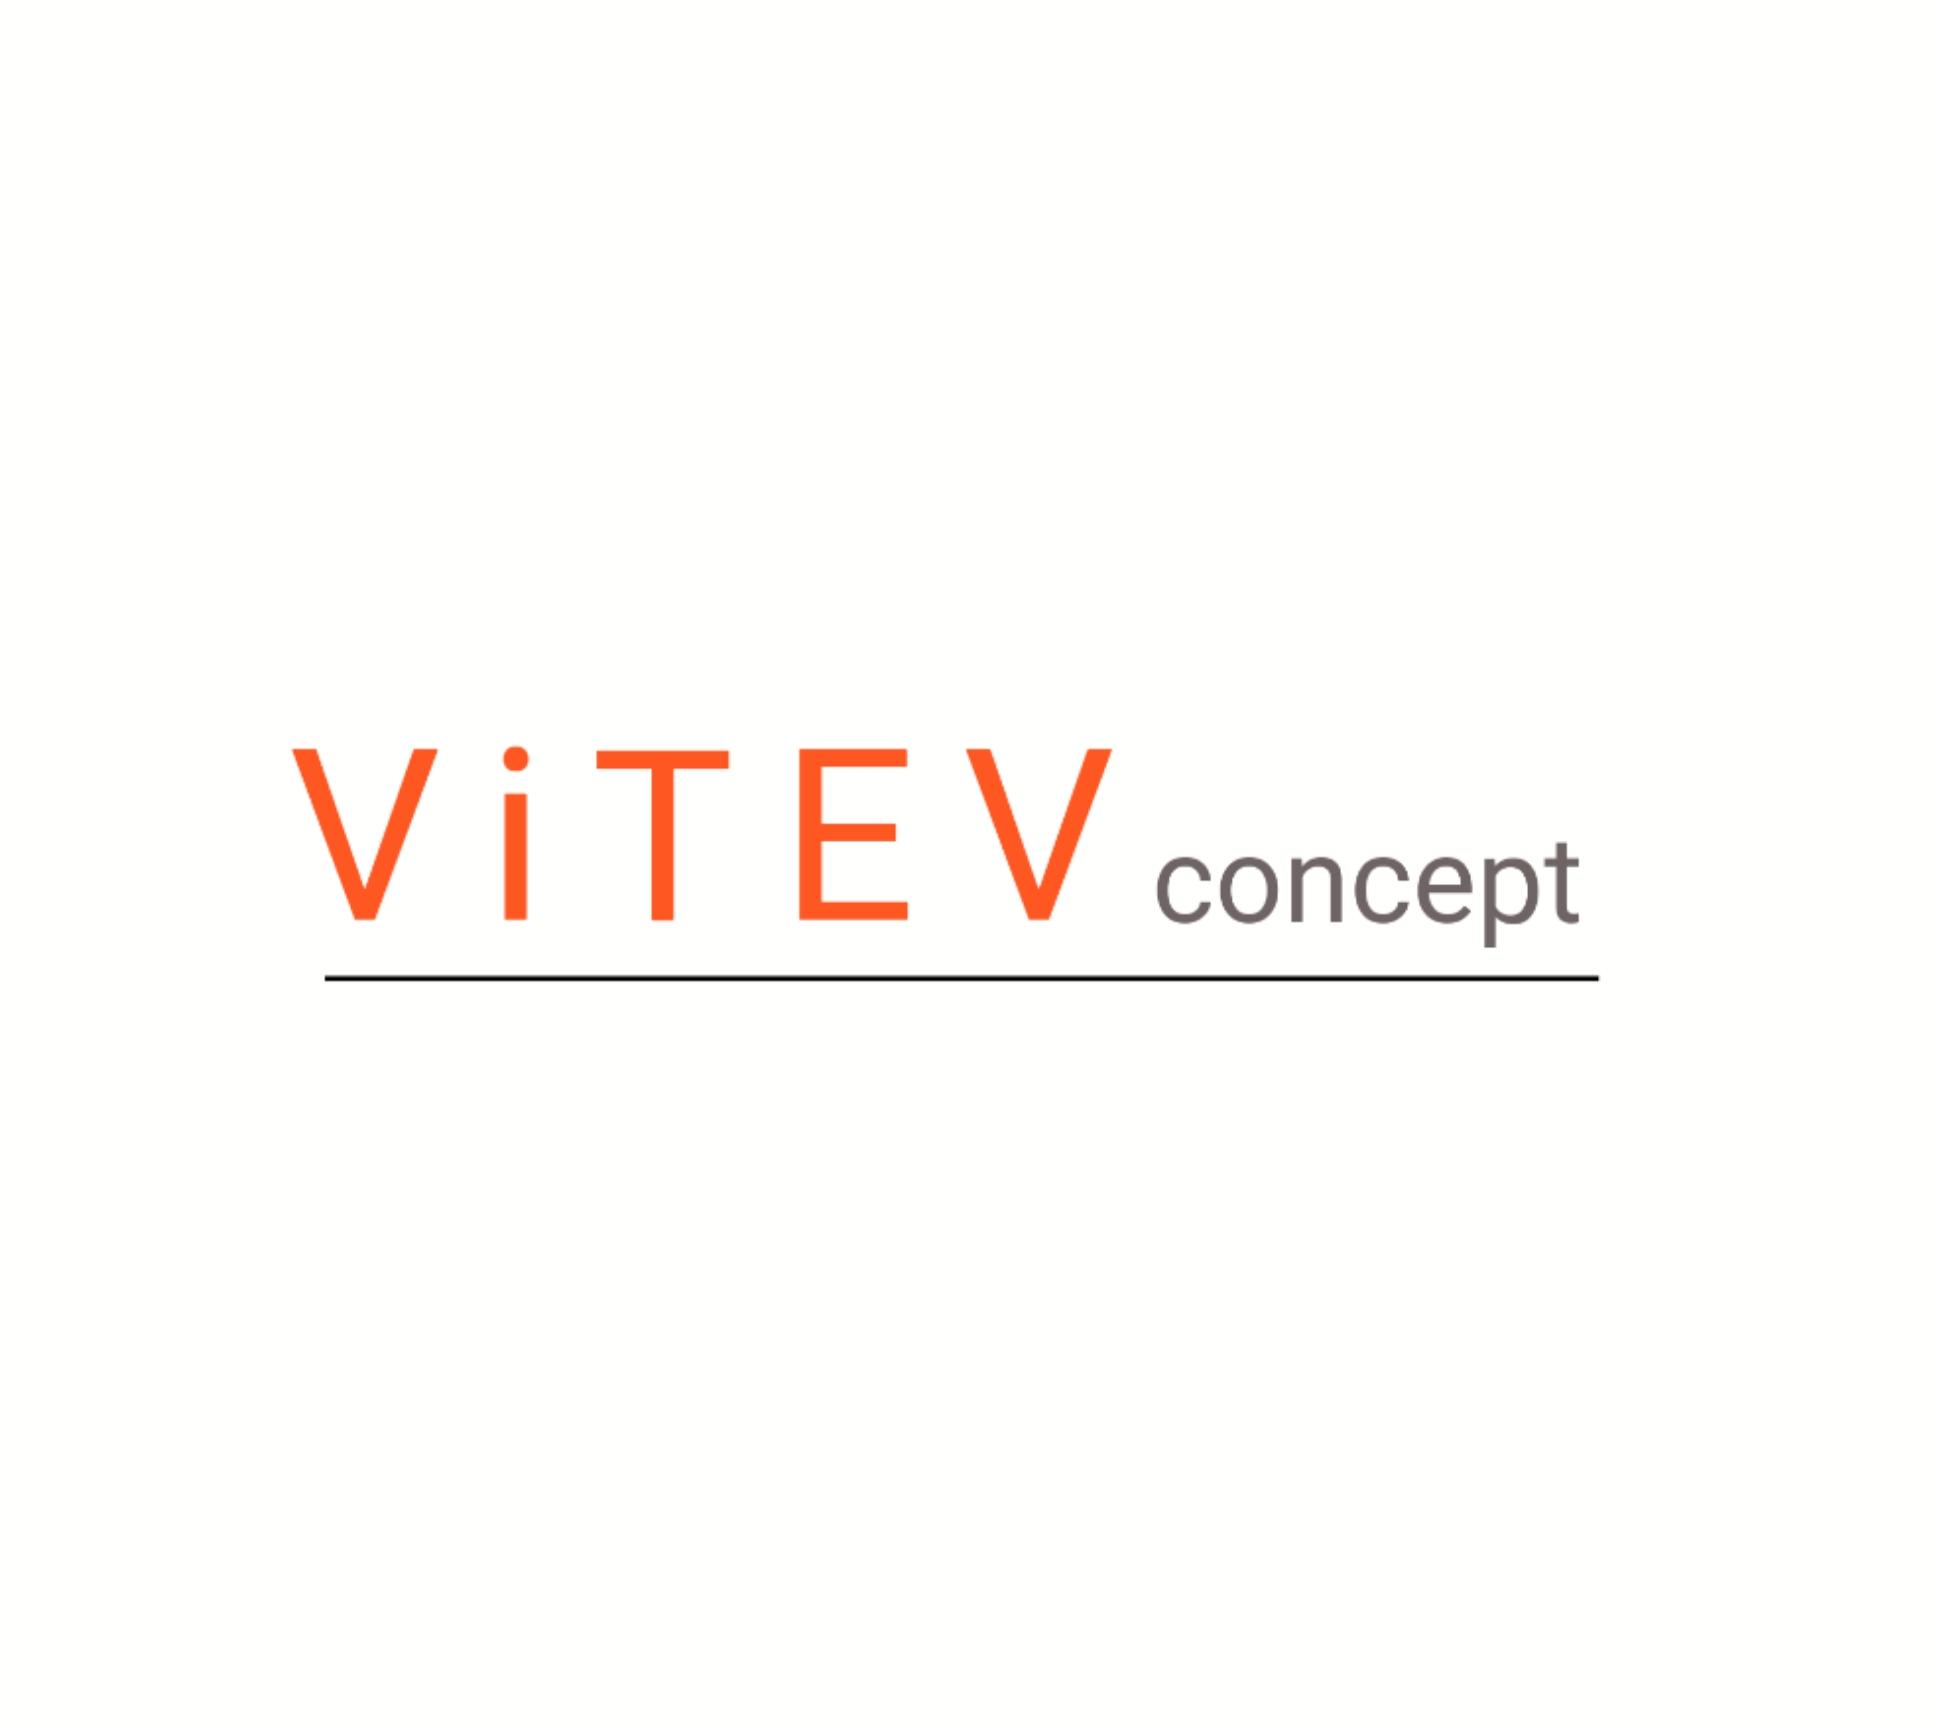 VITEV CONCEPT